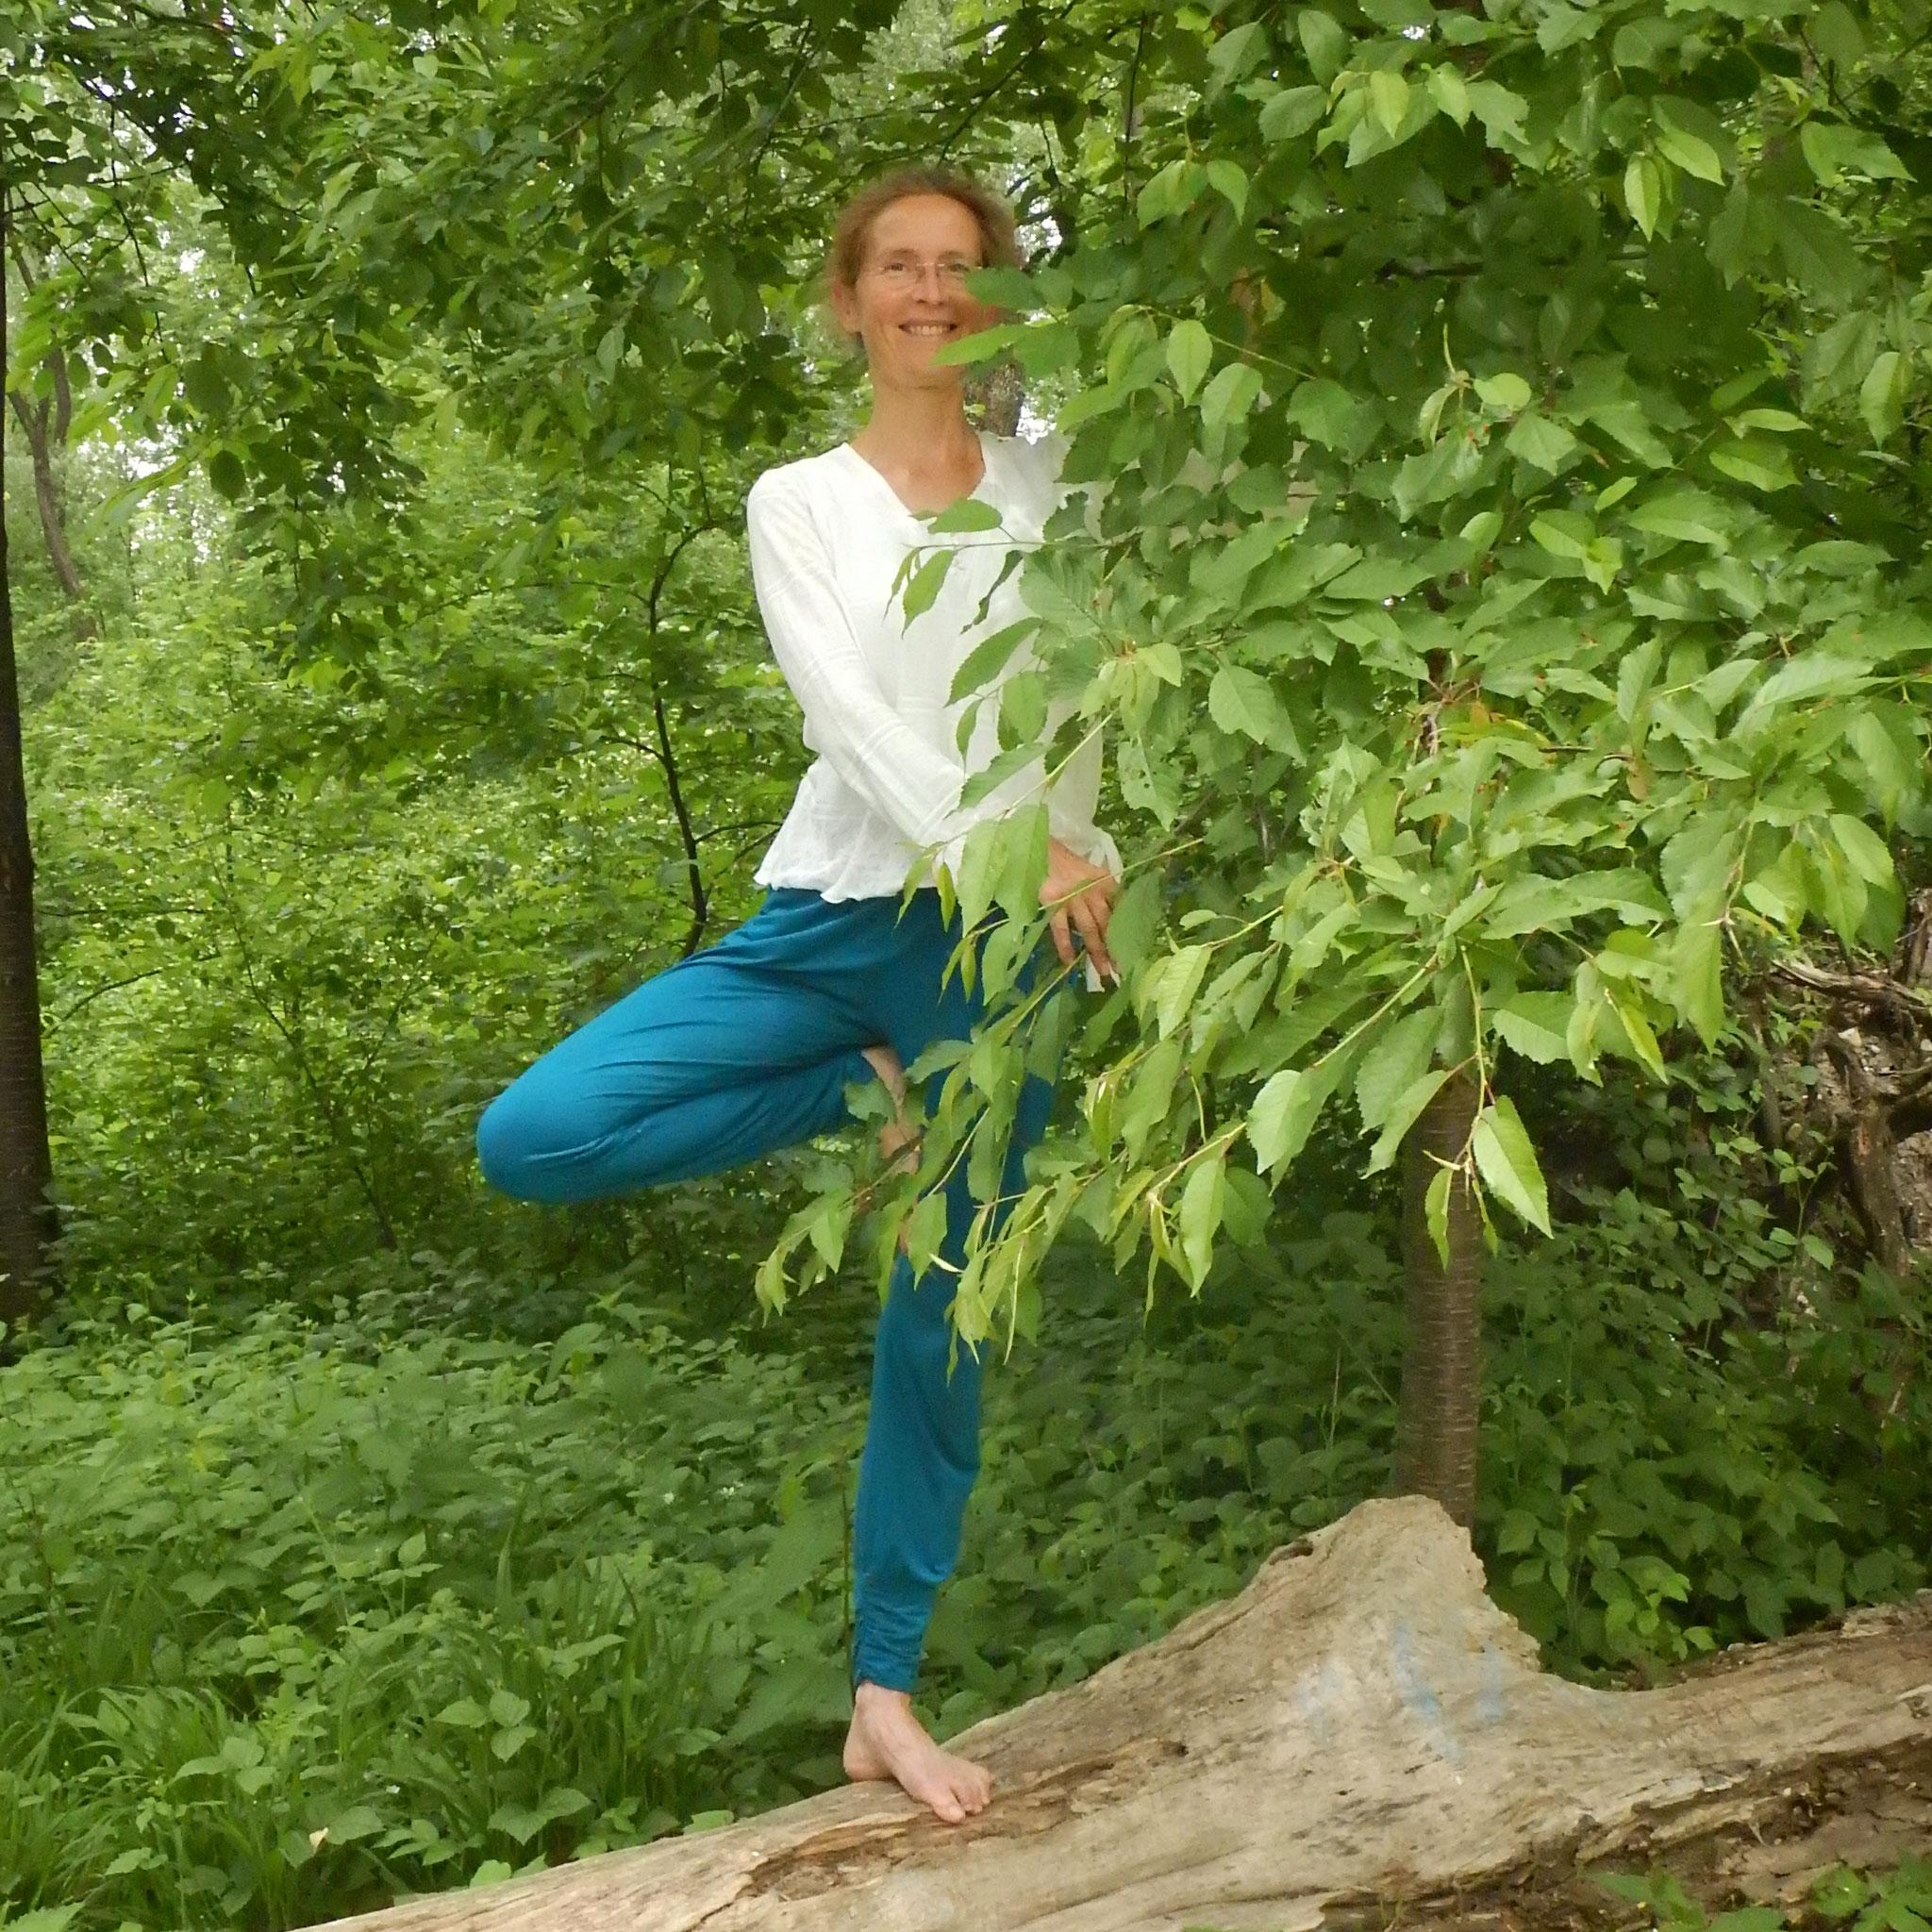 Baum-Asana